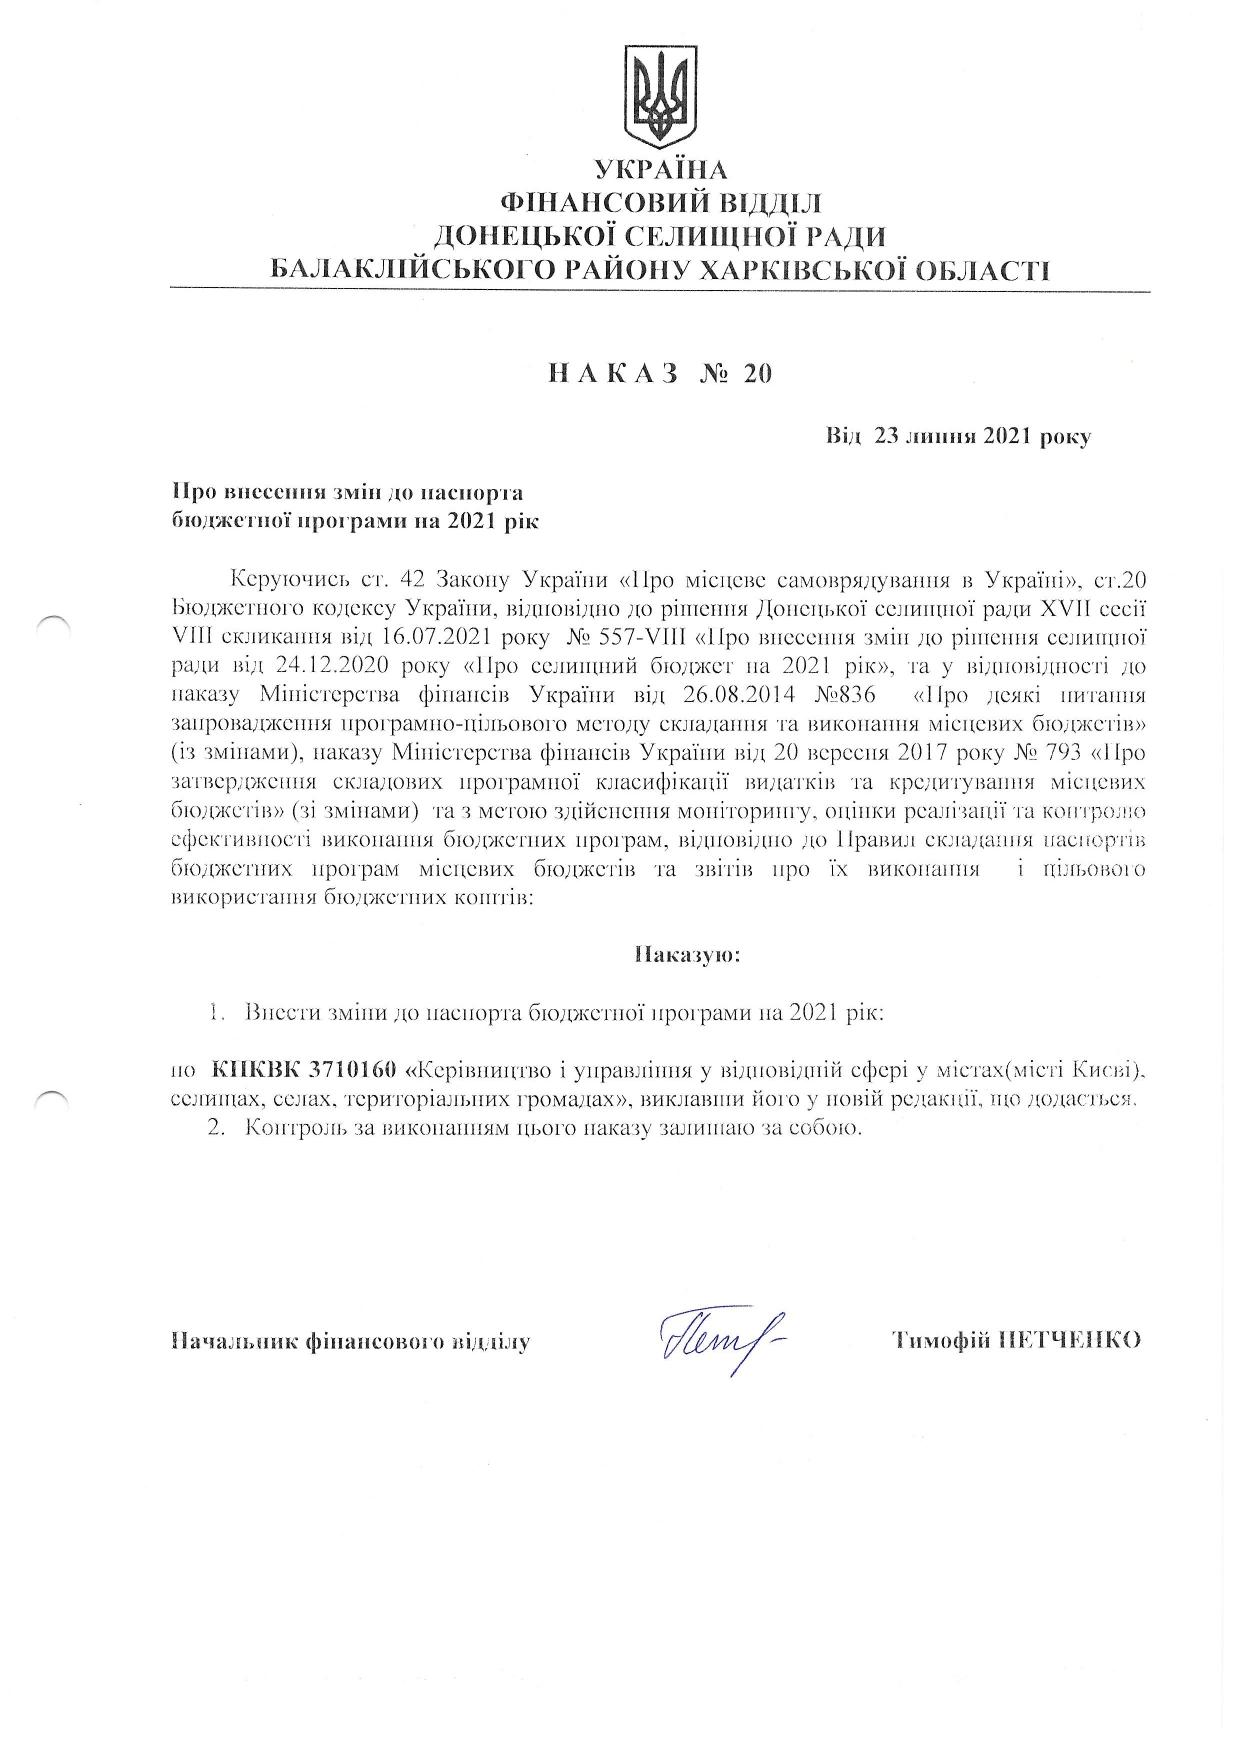 Наказ №20 Про внесення змін до паспорта бюджетної програми на 2021 рік